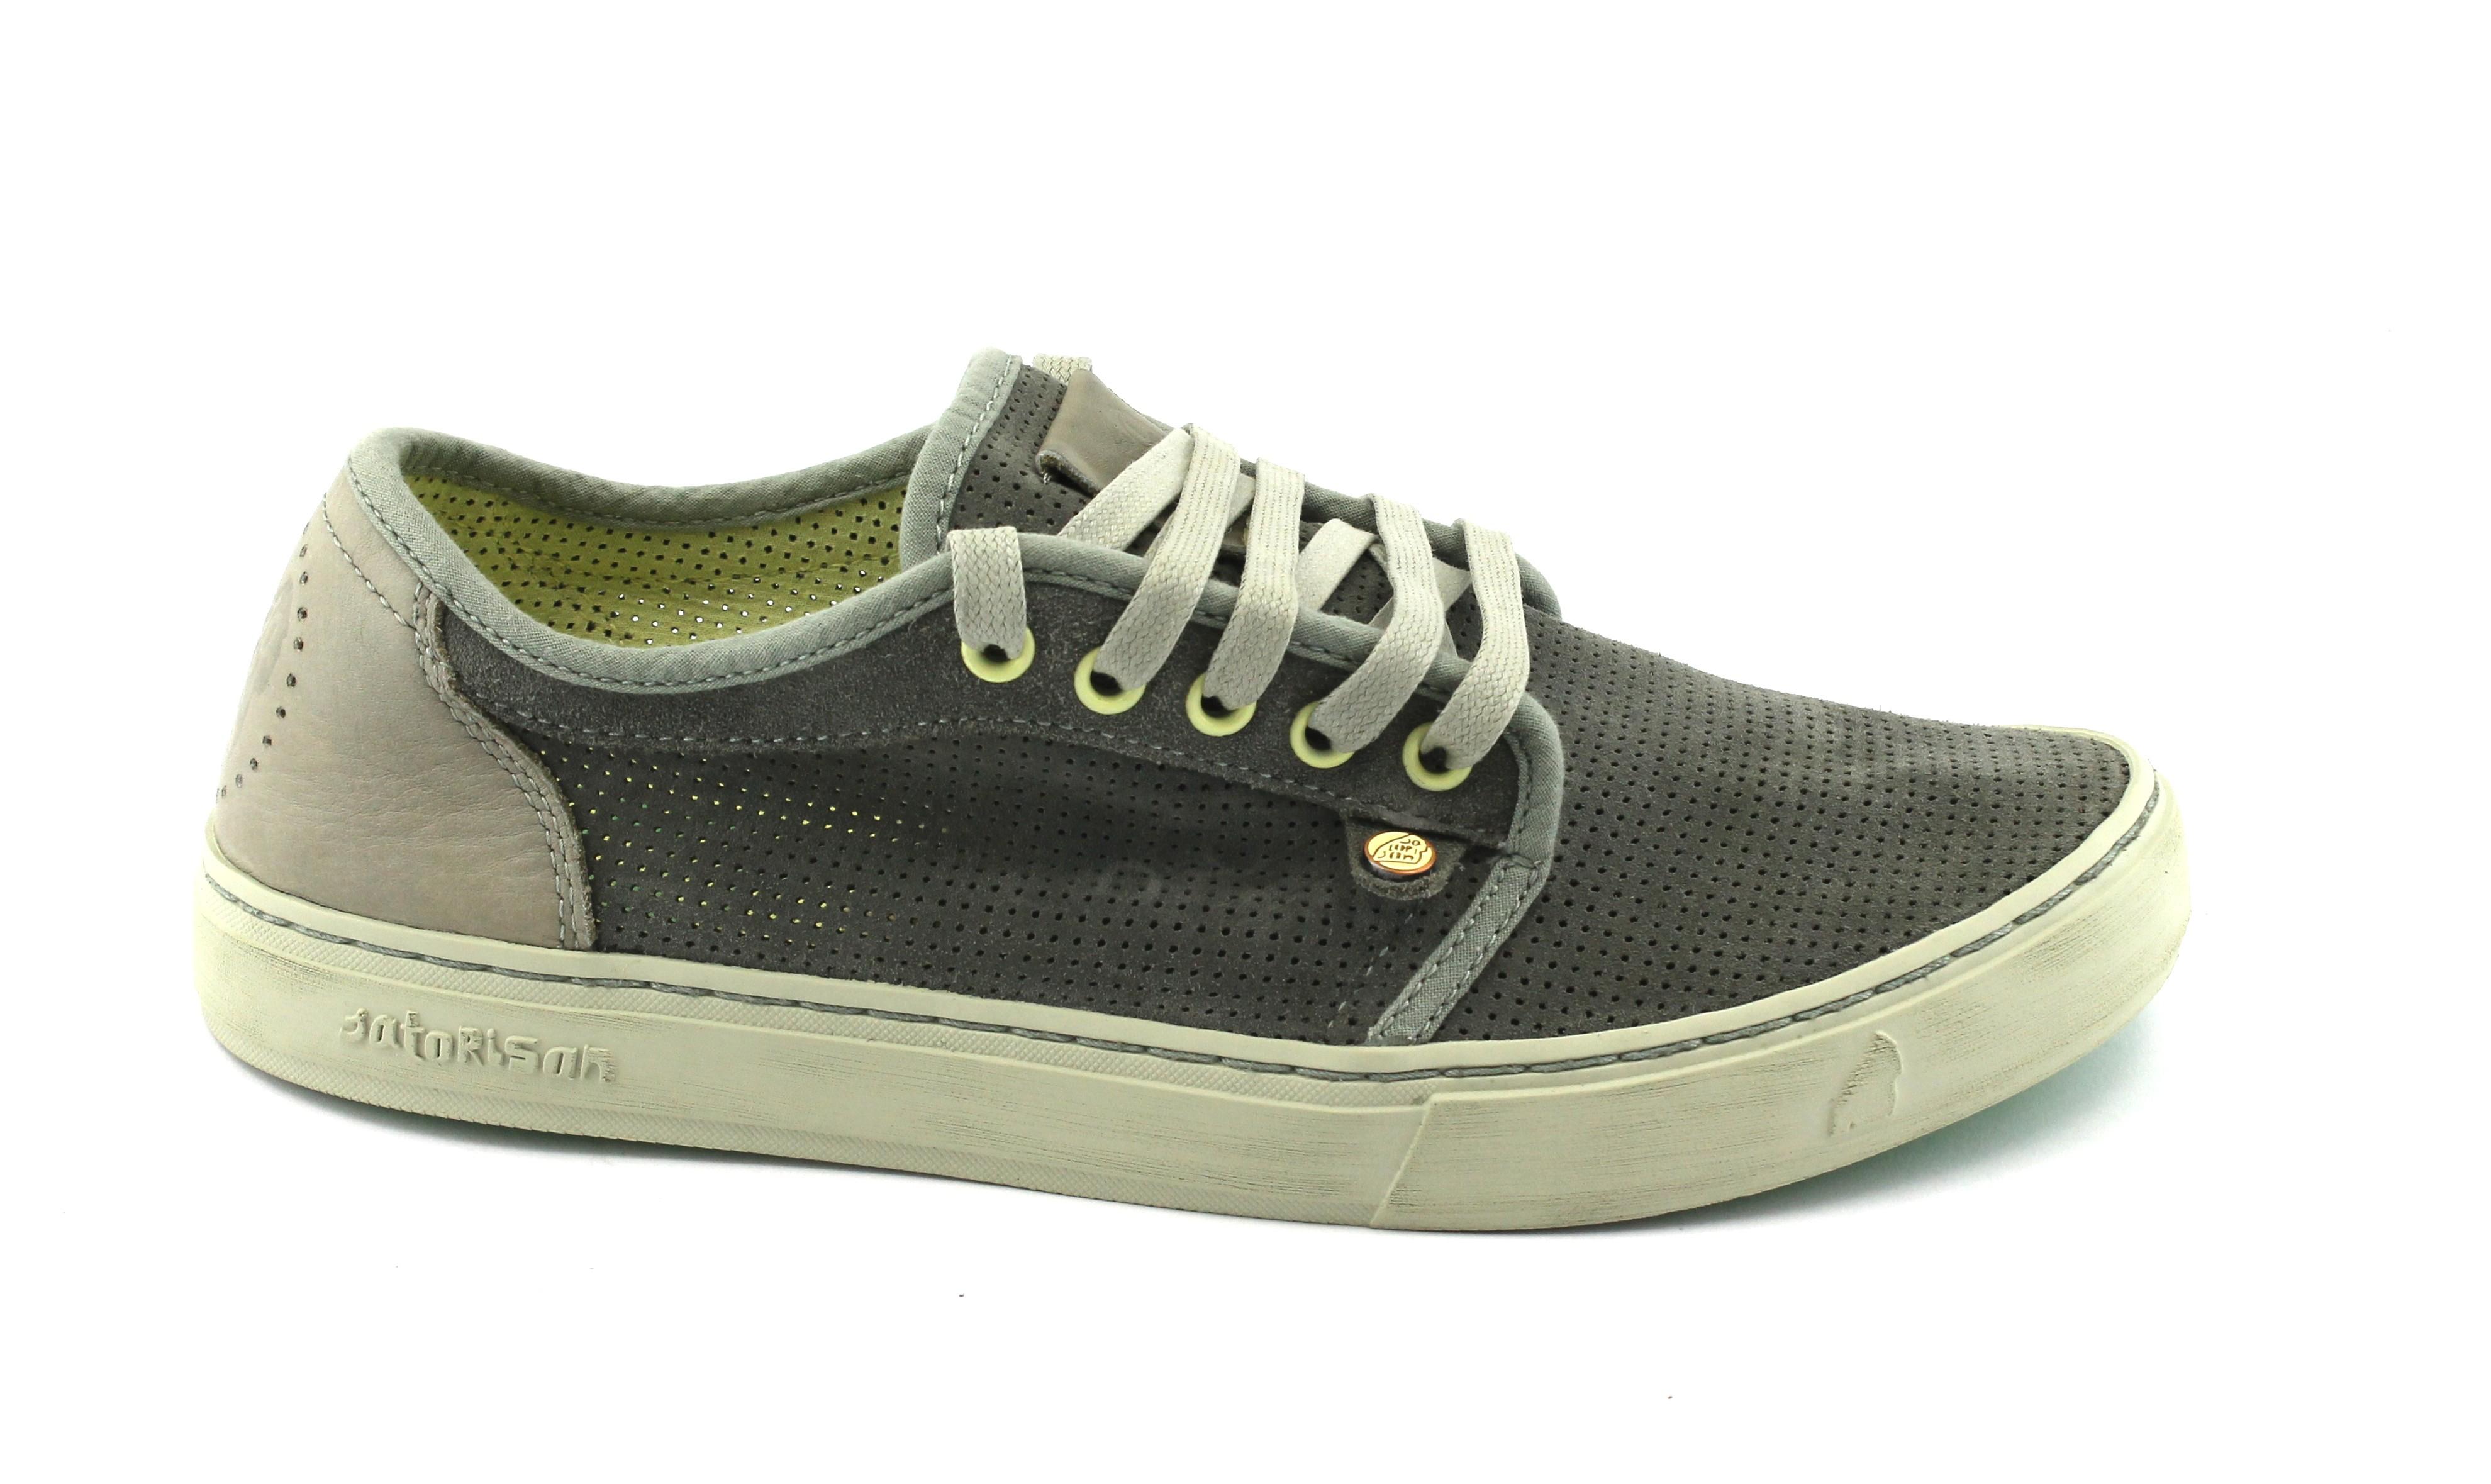 SATORISAN scarpe 181004 Heisei stormy grigio scarpe SATORISAN sneakers uomo lacci pelle 8c45ed